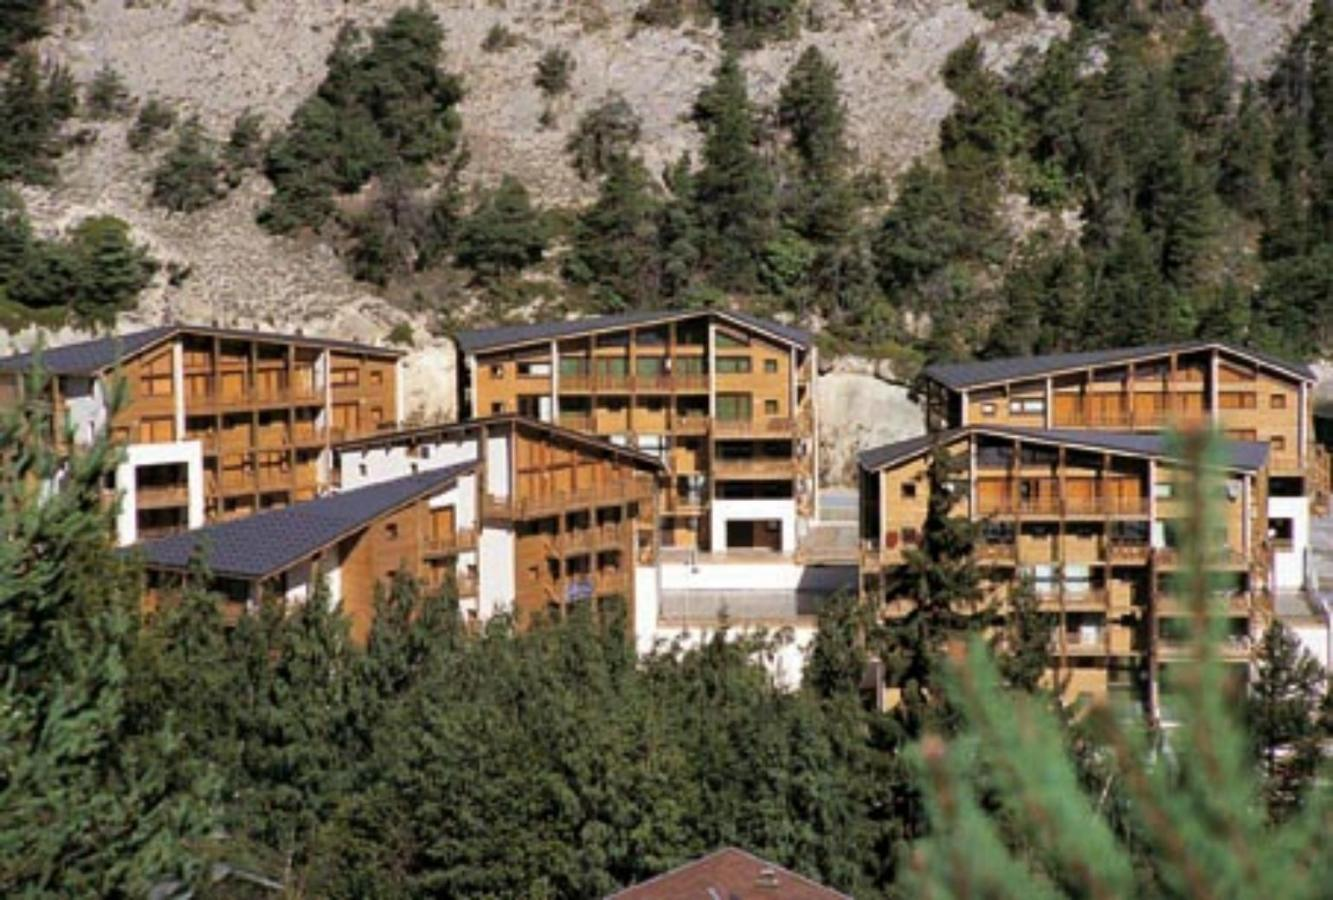 residence les chalets et balcons de la vanoise 224 partir de 171 location vacances montagne la